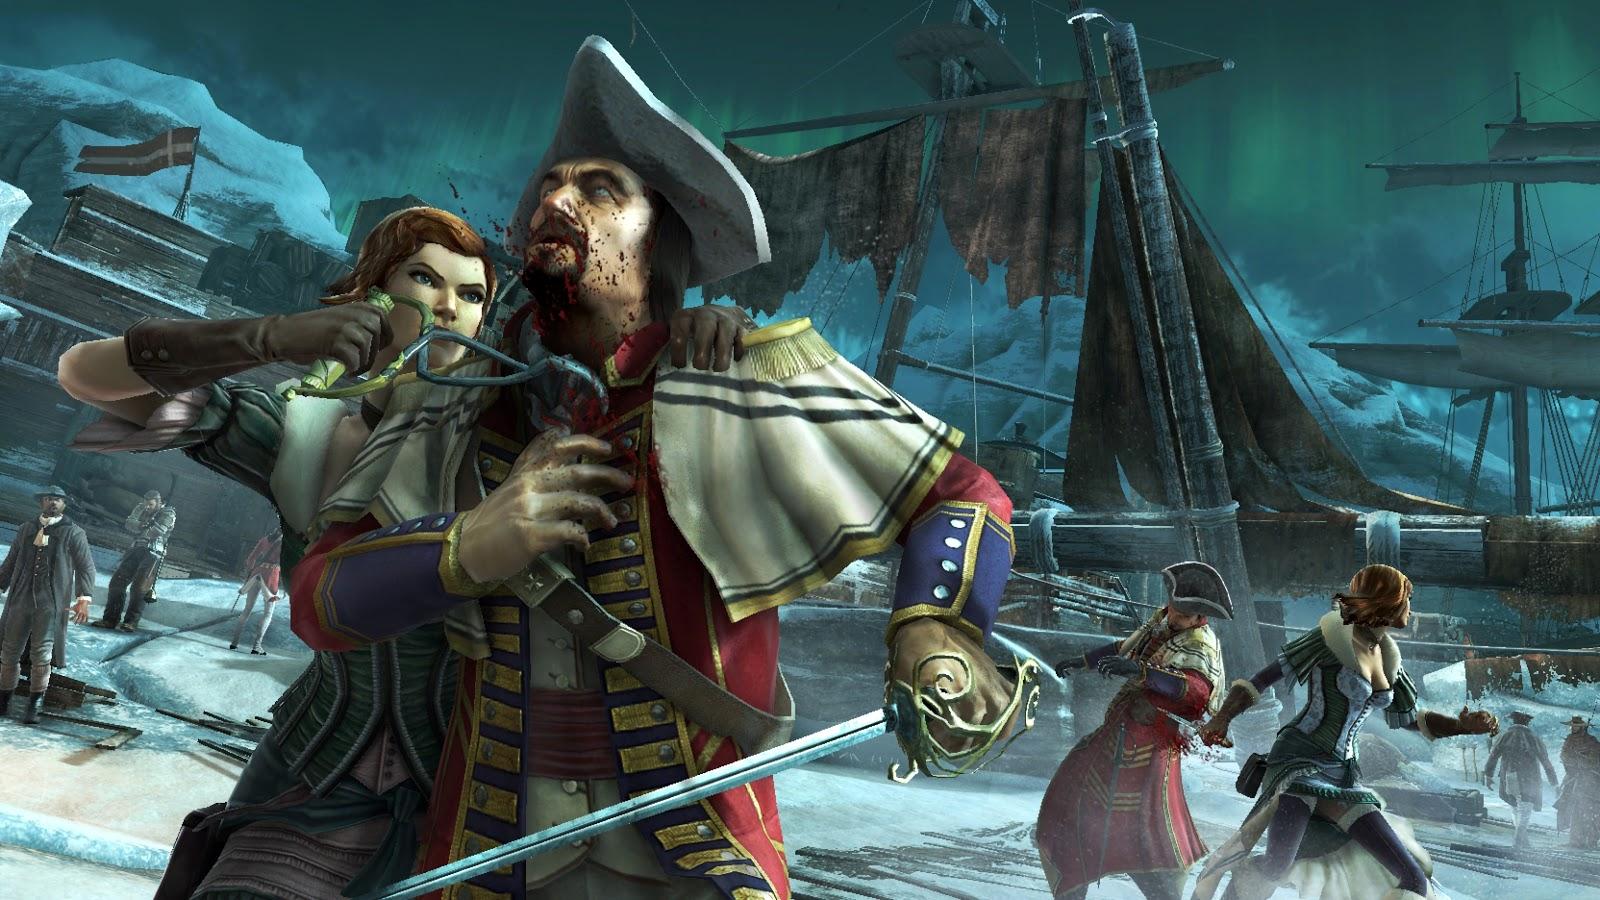 Desvelados los modos multijugador de Assassin's Creed III [Clip]